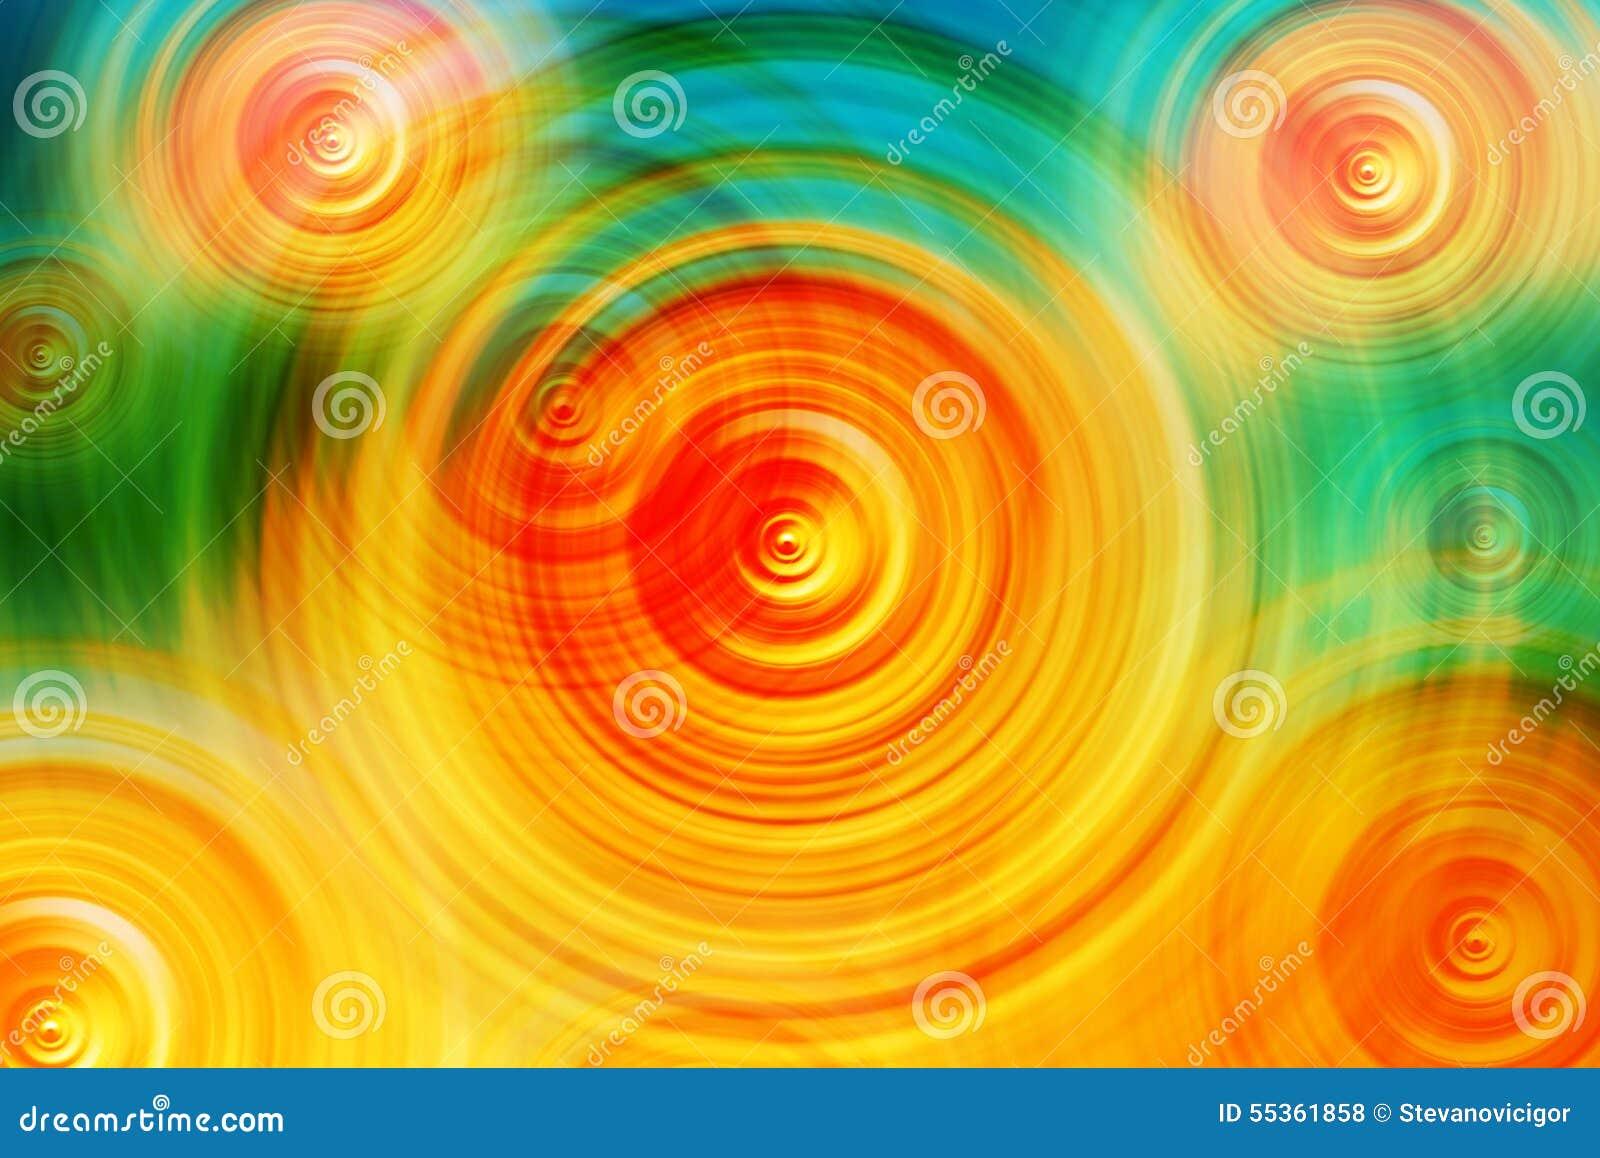 Fondo radiale variopinto astratto della sfuocatura